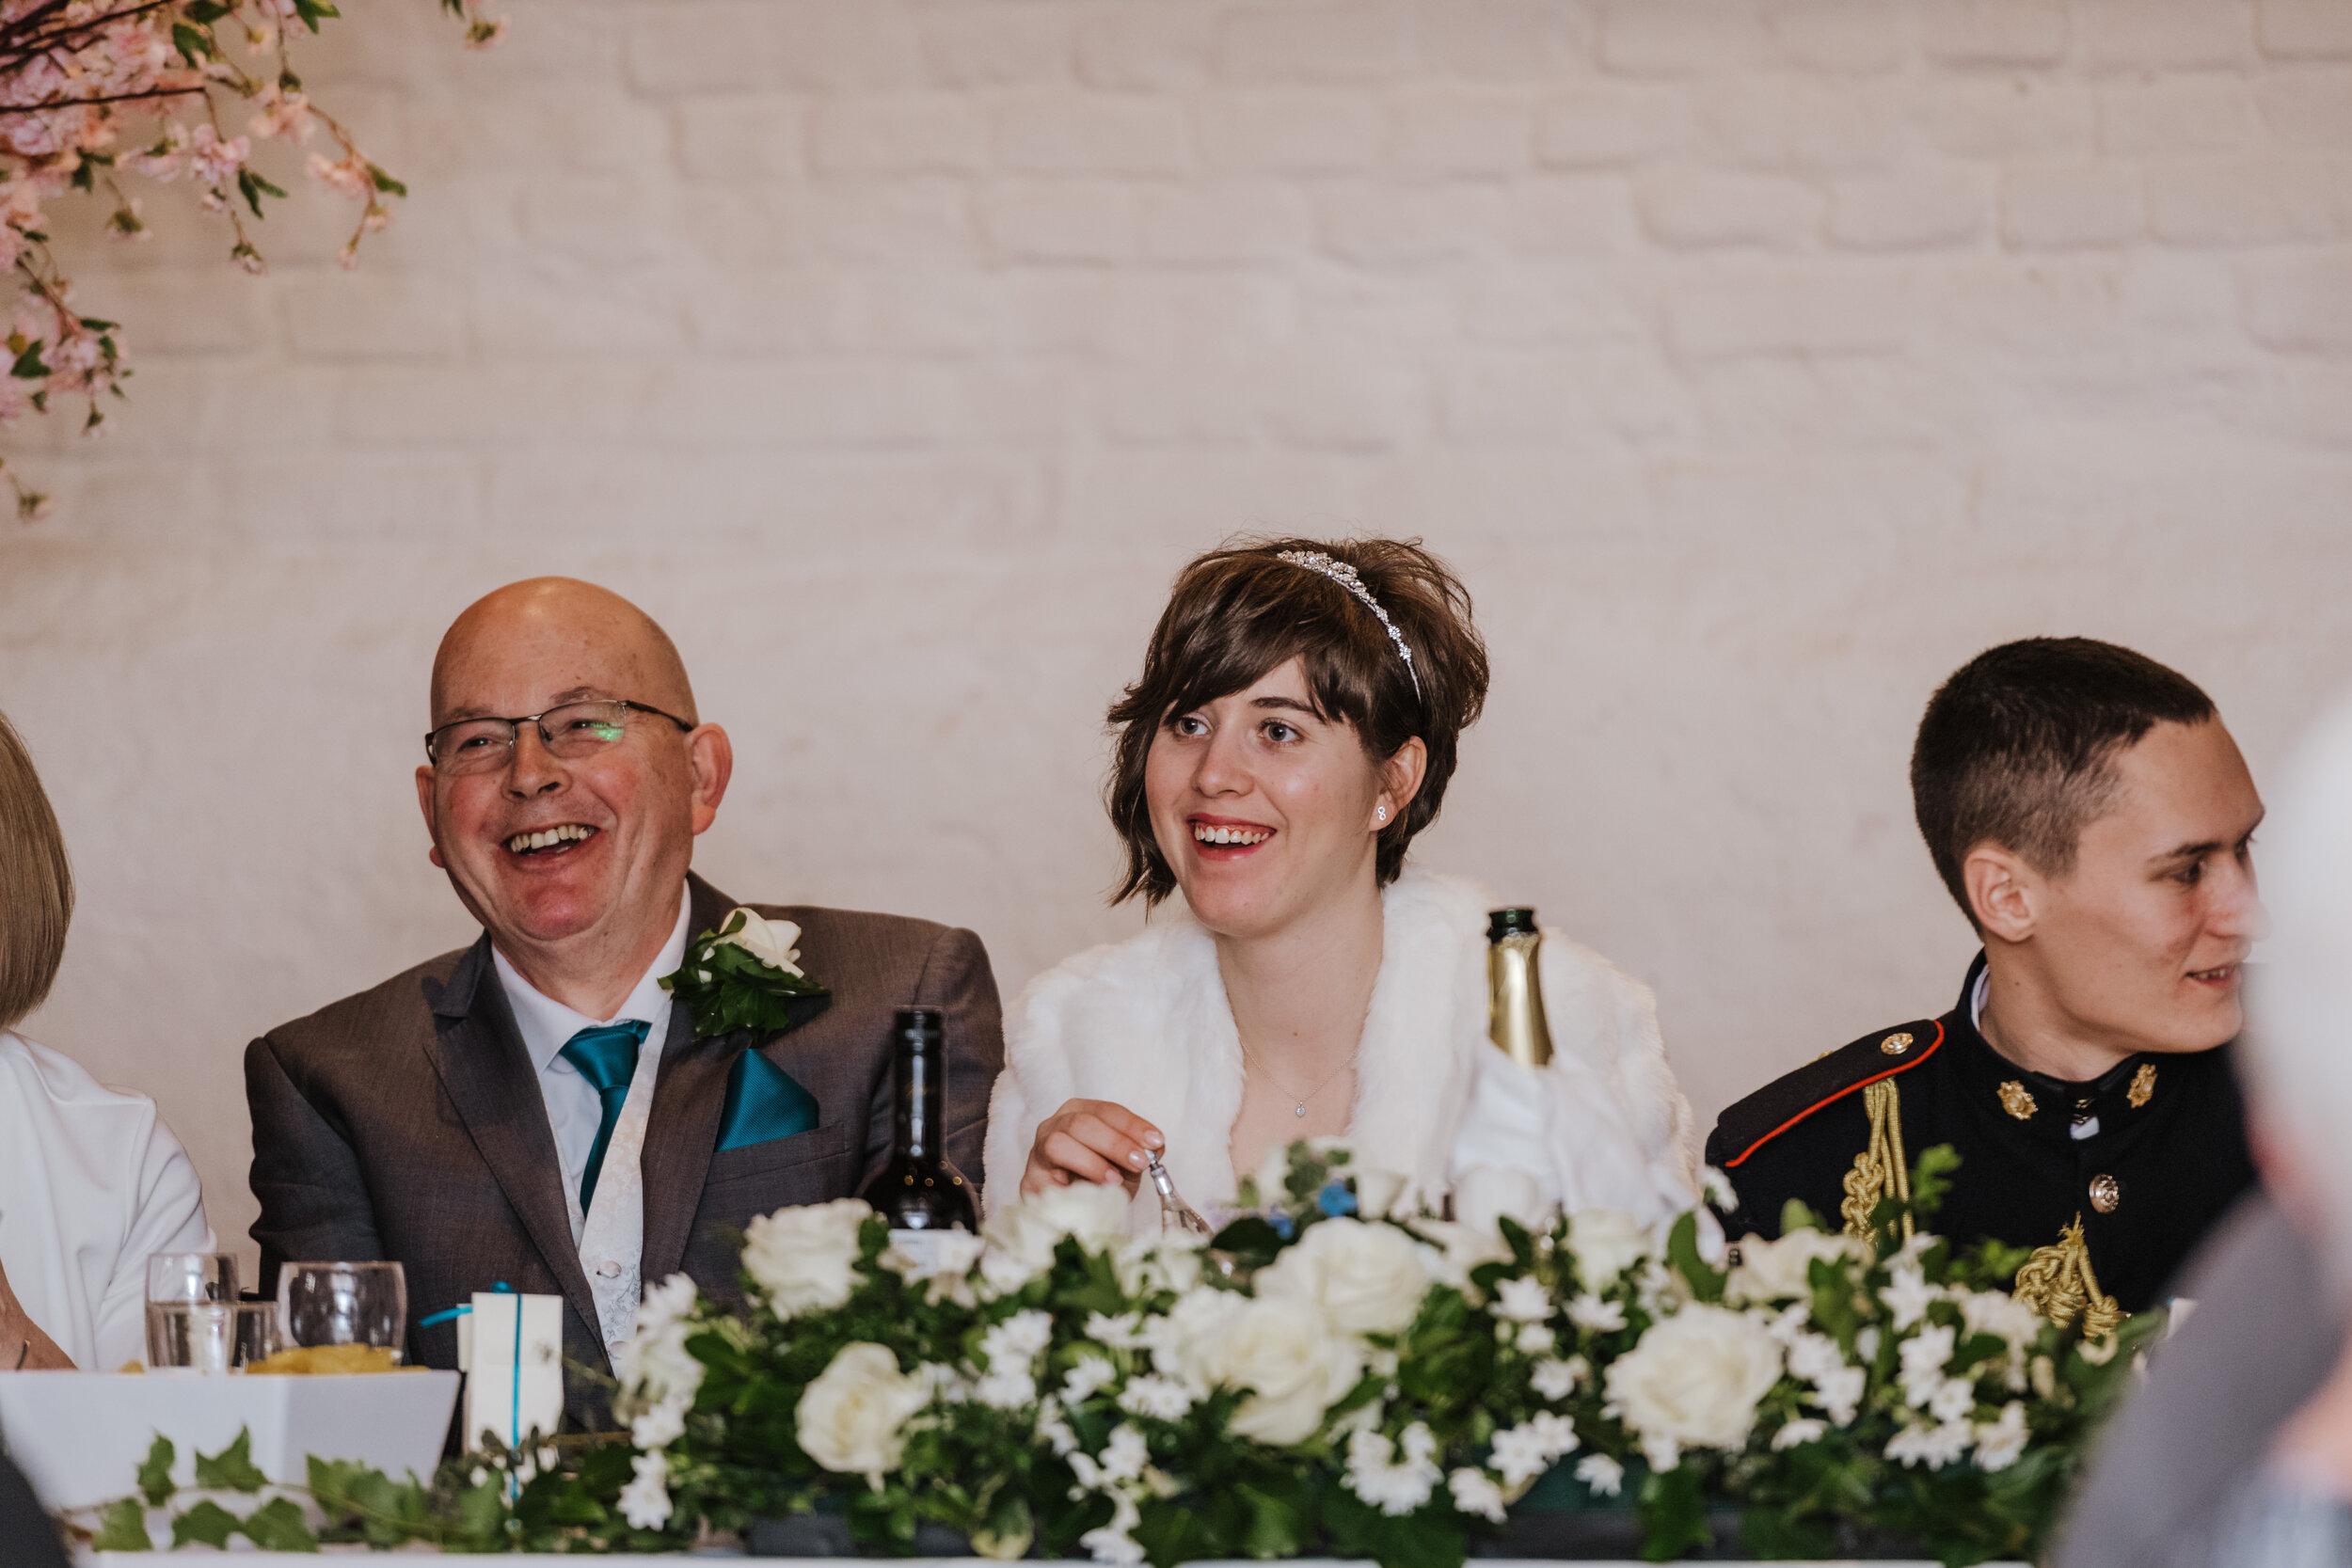 SUFFOLK_WEDDING_PHOTOGRAPHY_ISAACS_WEDDING_VENUE_WEDDINGPHOTOGRAPHERNEARME_iPSWICHWEDDINGPHOTOGRAPHER (66).jpg